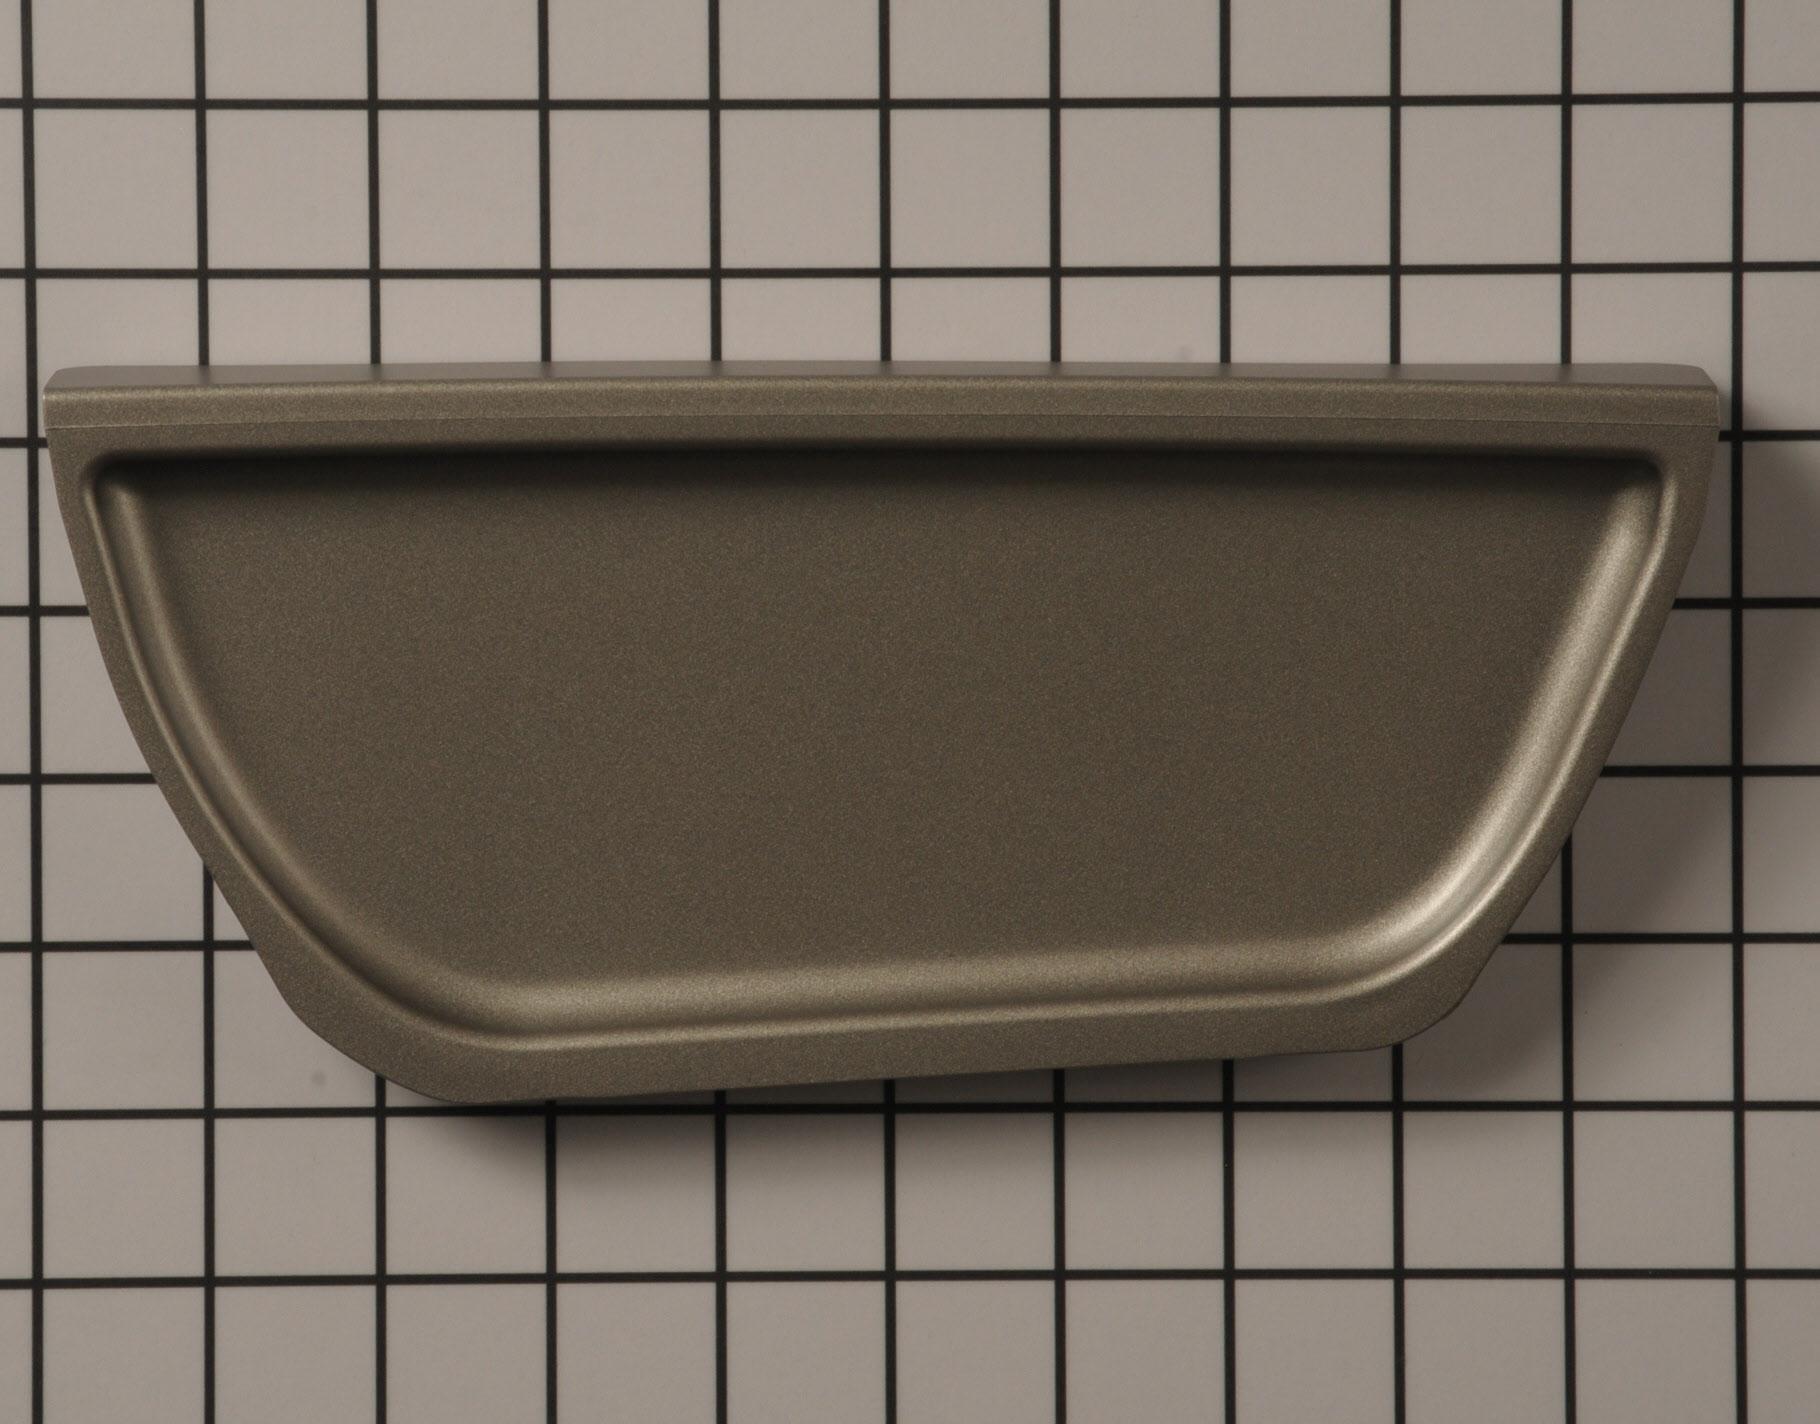 Maytag Refrigerator Part # W11192301 - Drip Tray